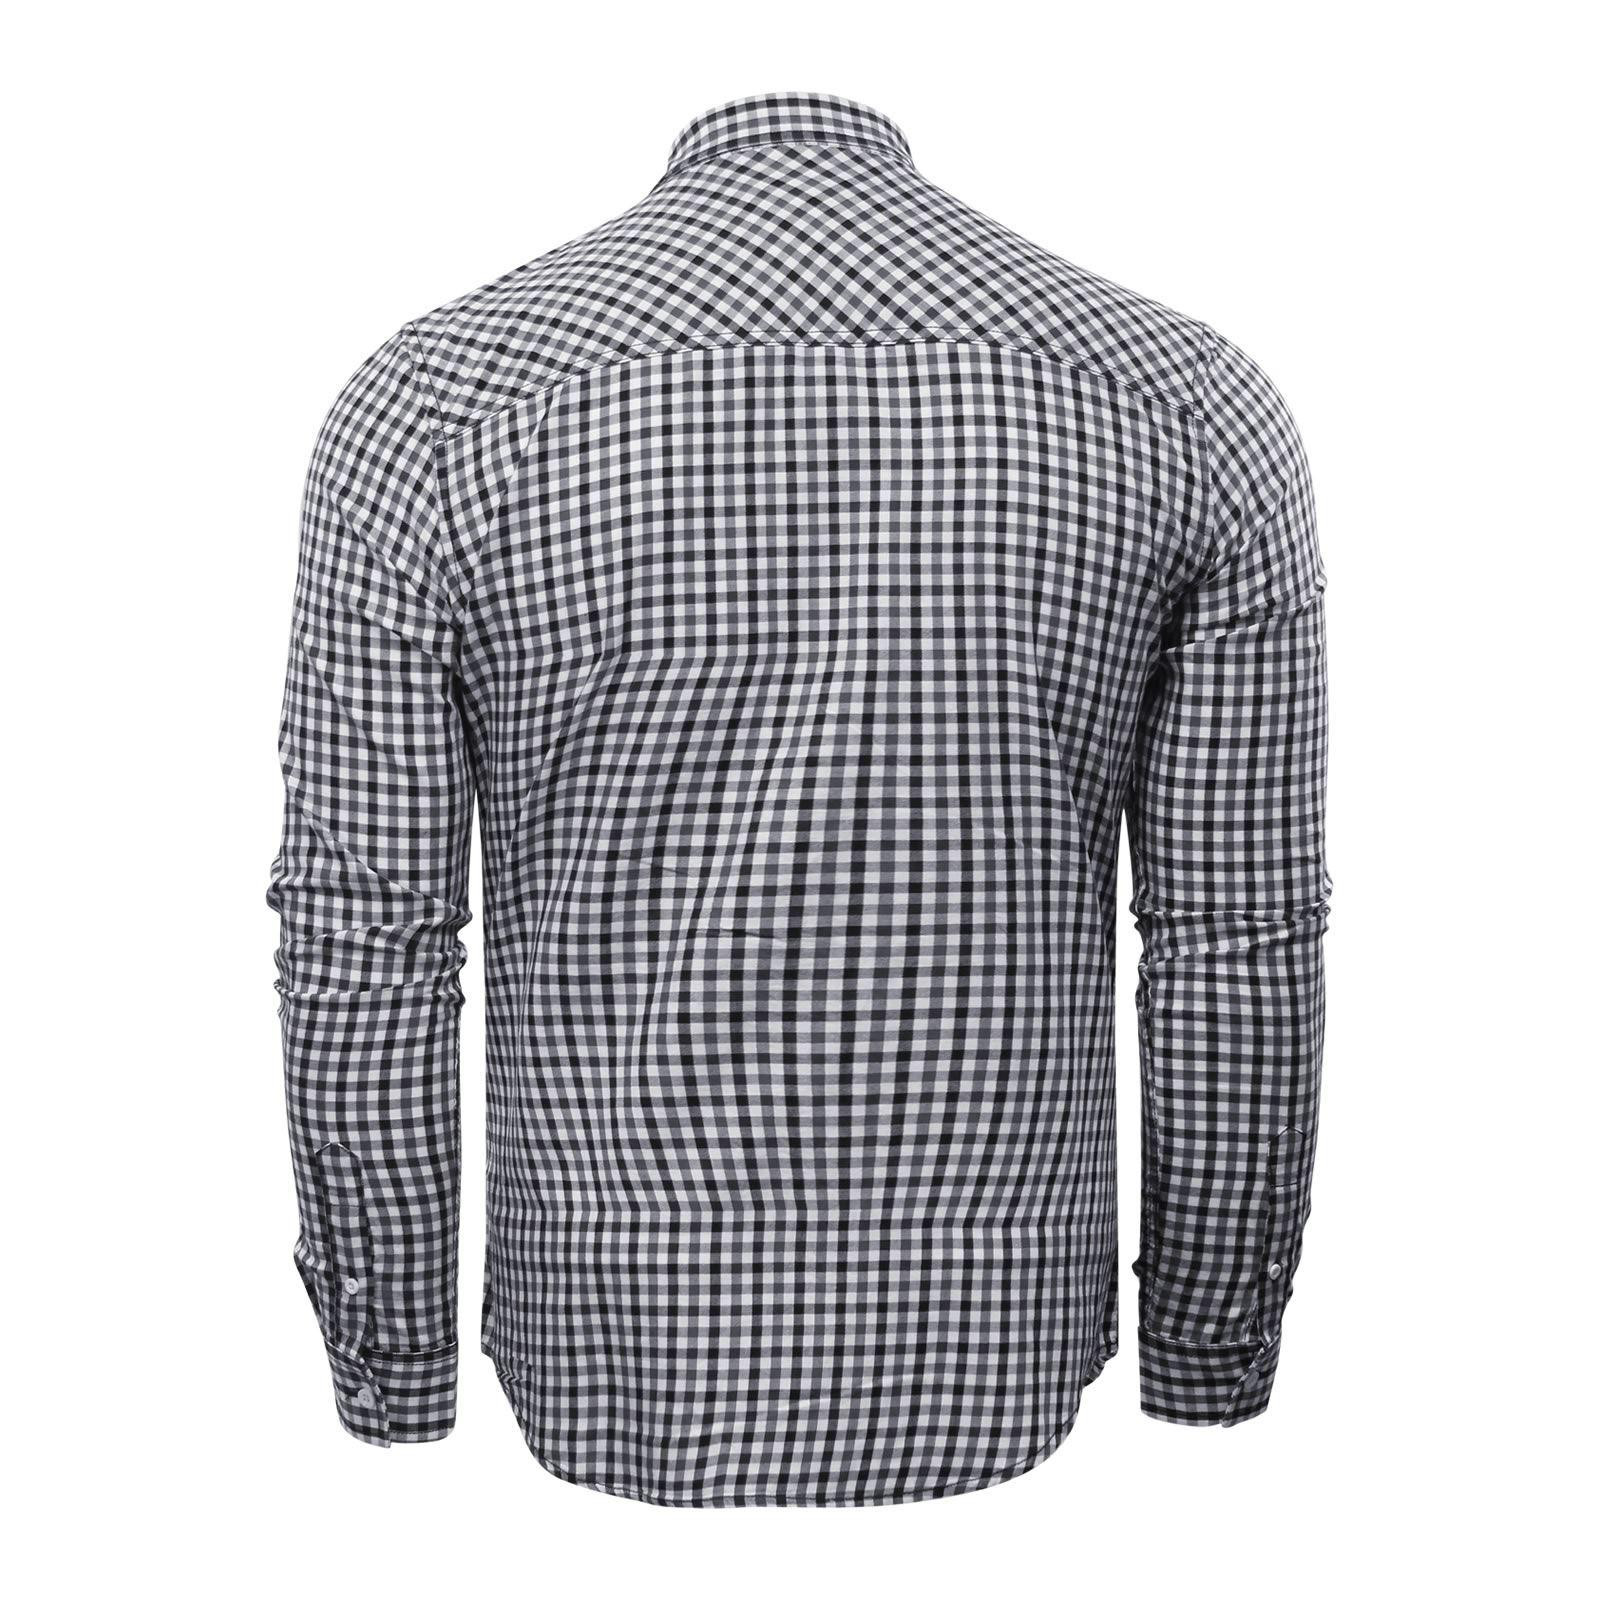 Crosshatch-Larix-Homme-Chemise-a-carreaux-en-coton-a-manches-longues-Top-Casual miniature 5